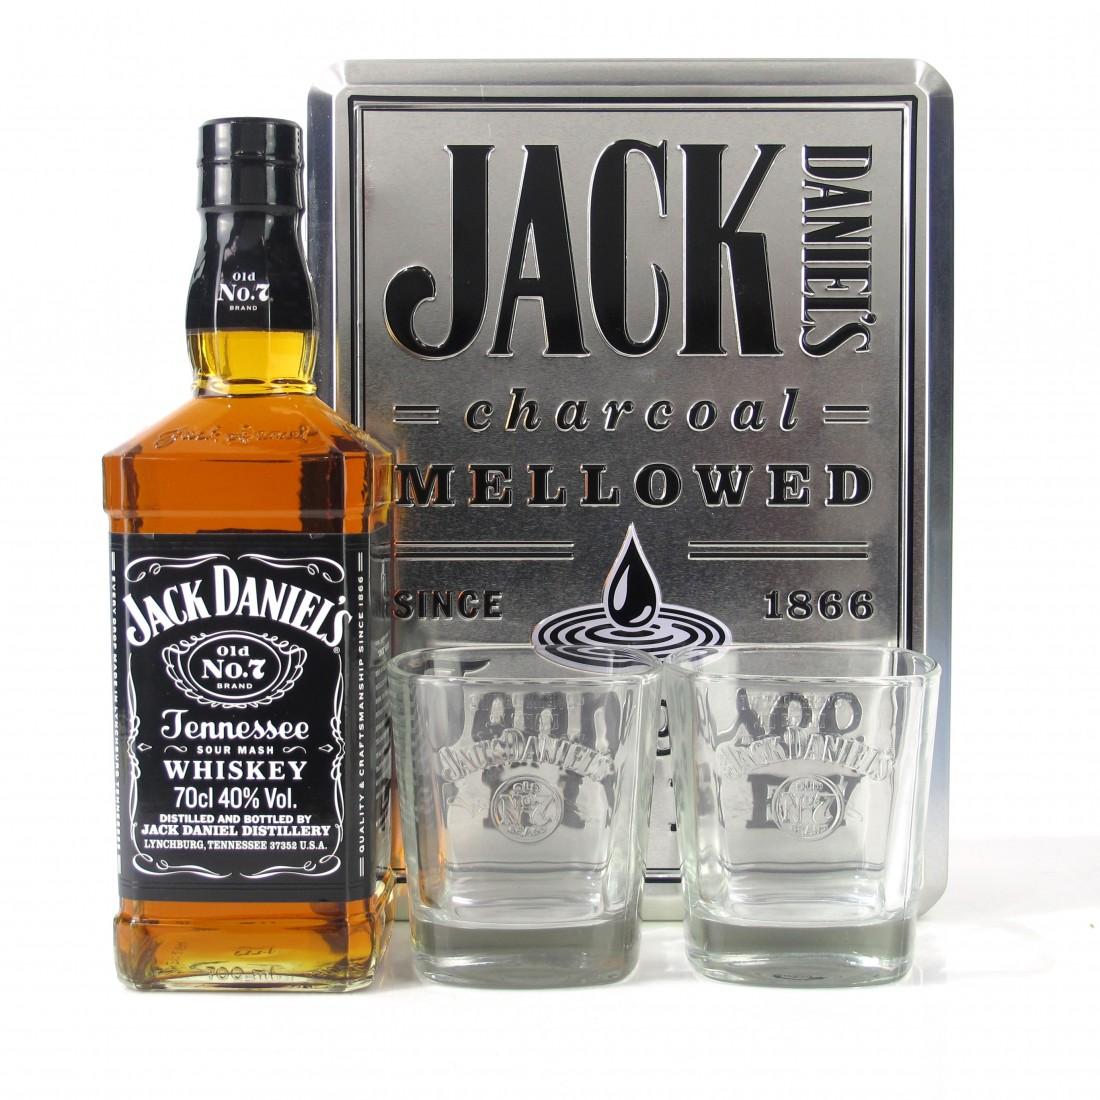 Jack Daniel's Old No.7 Gift Set / Including 2 Glasses